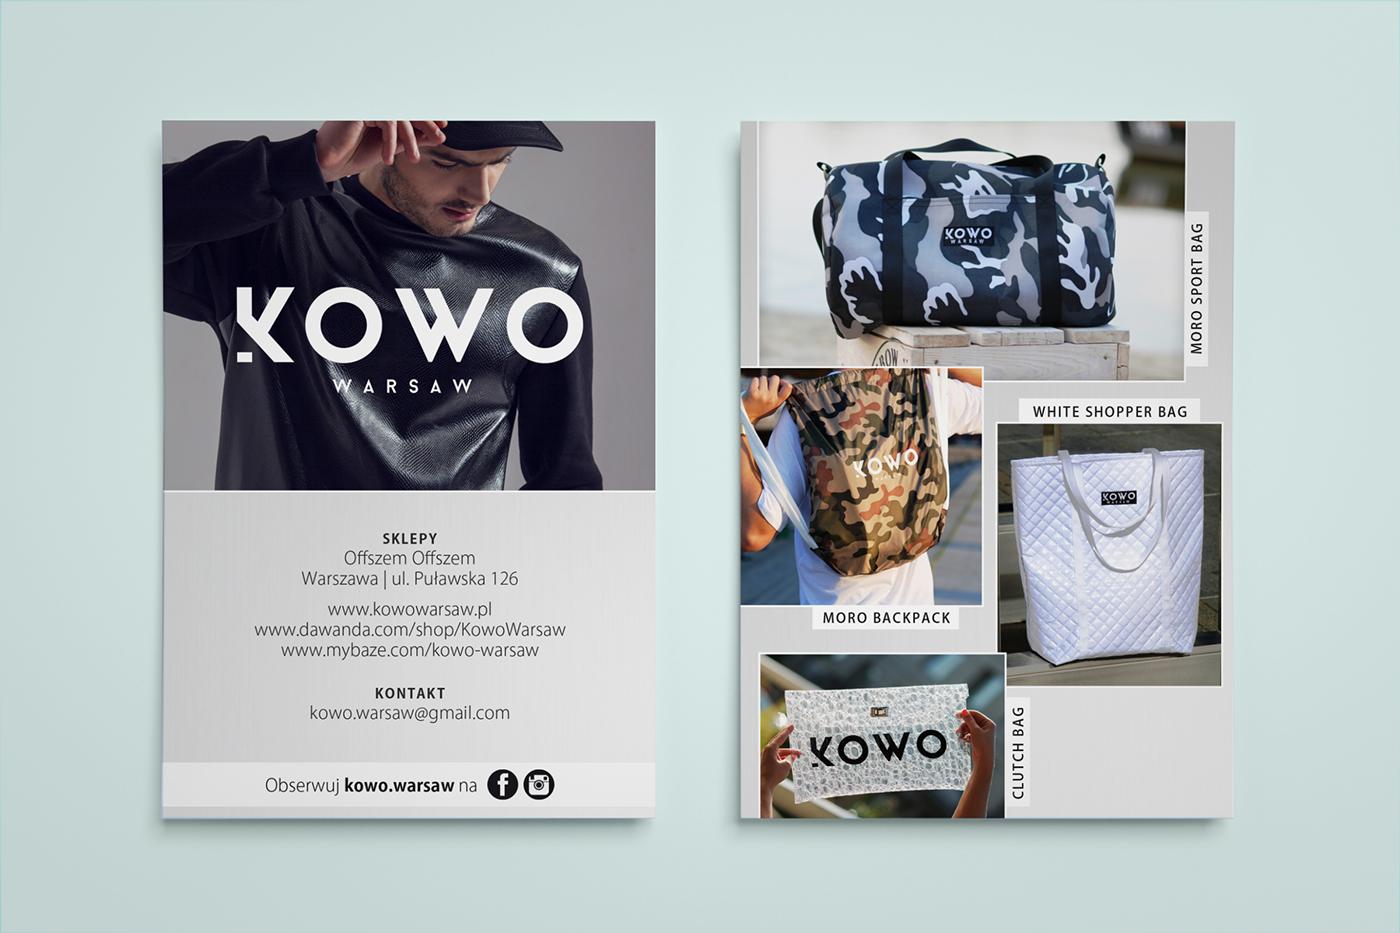 flyer fashion brand bags kowo warsaw